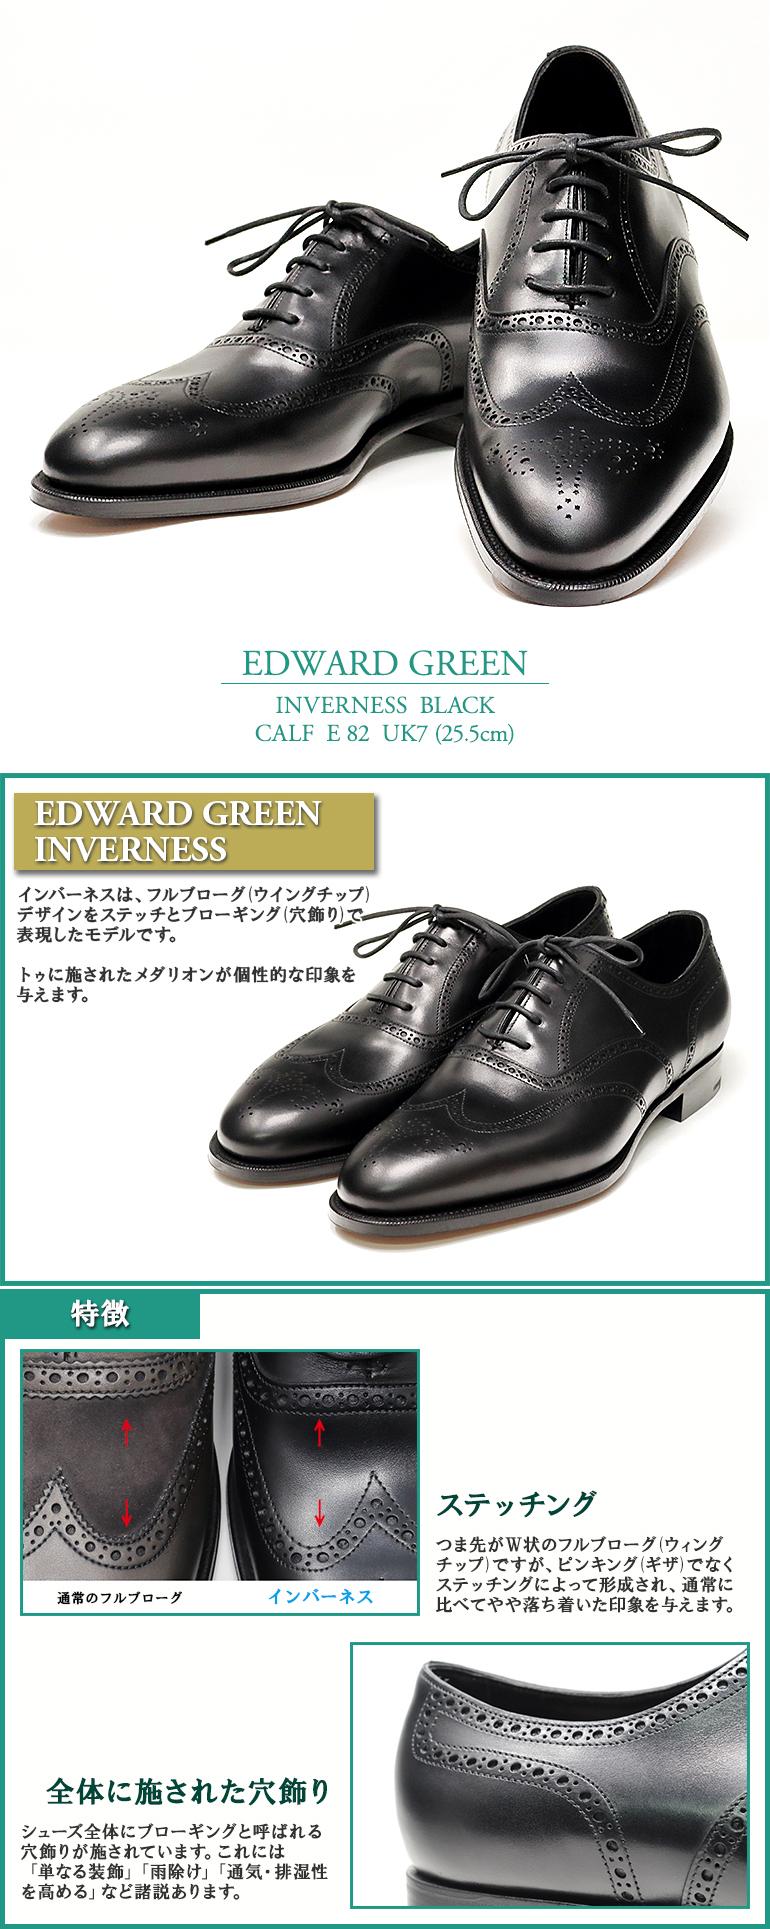 エドワードグリーン インバーネス EDWARD GREEN INVERNESS  通販 モデル紹介